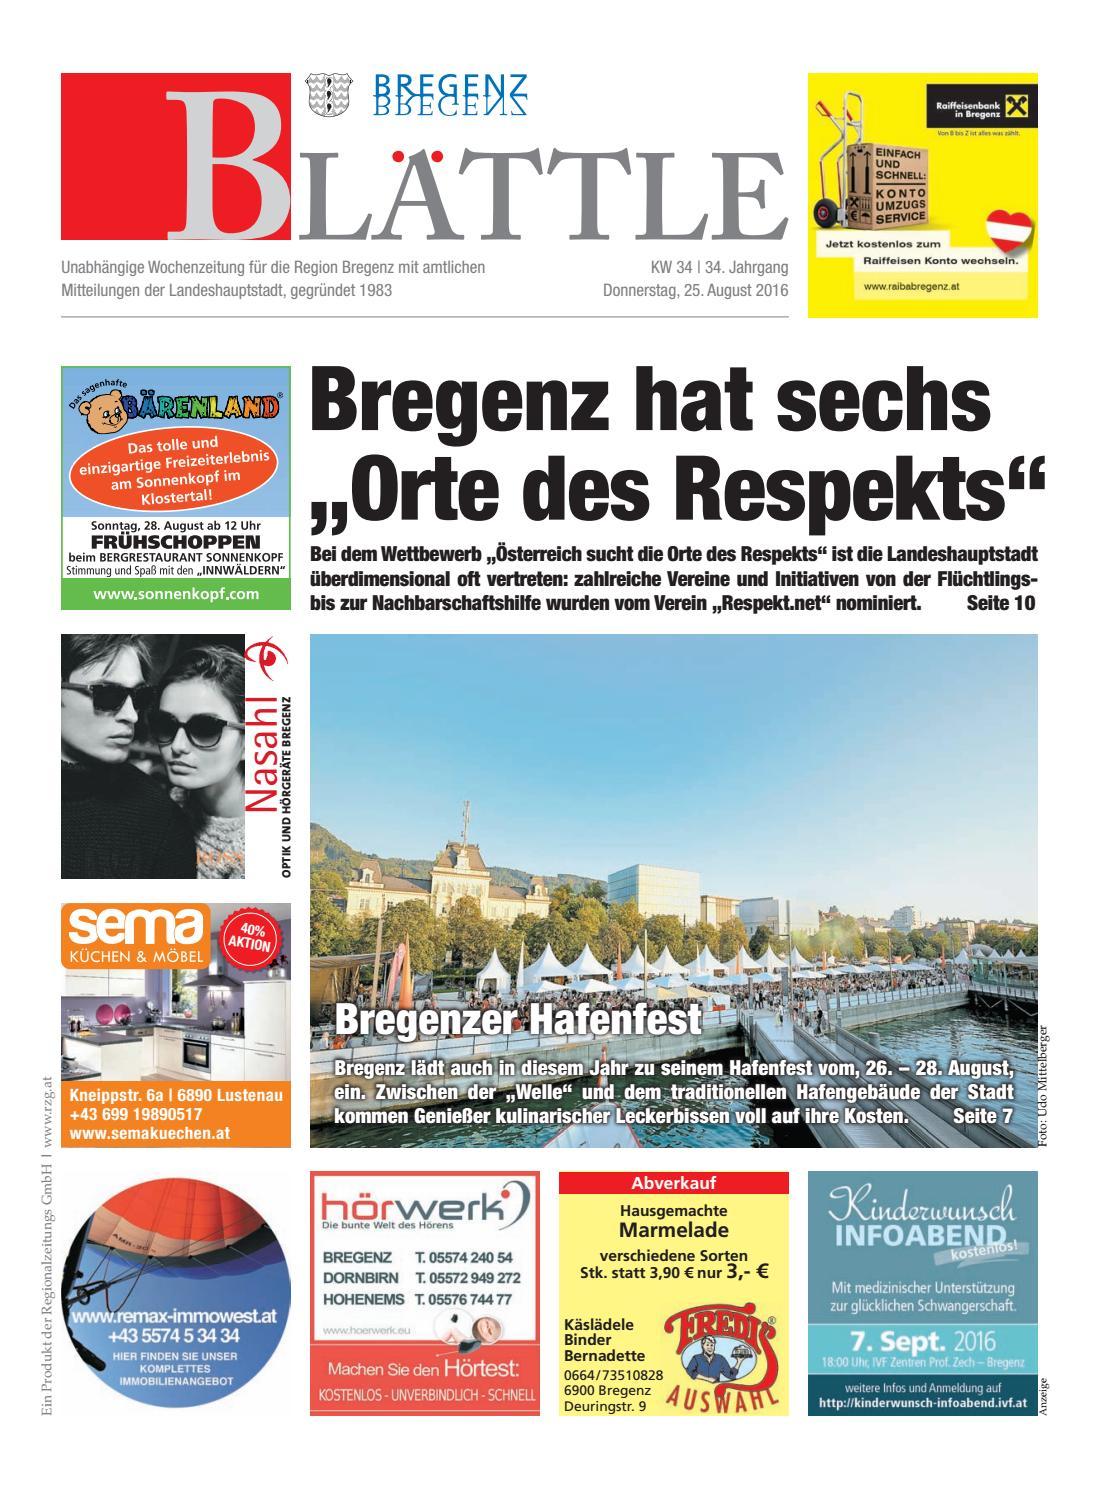 frau sucht mann in Bregenz - Bekanntschaften - Partnersuche